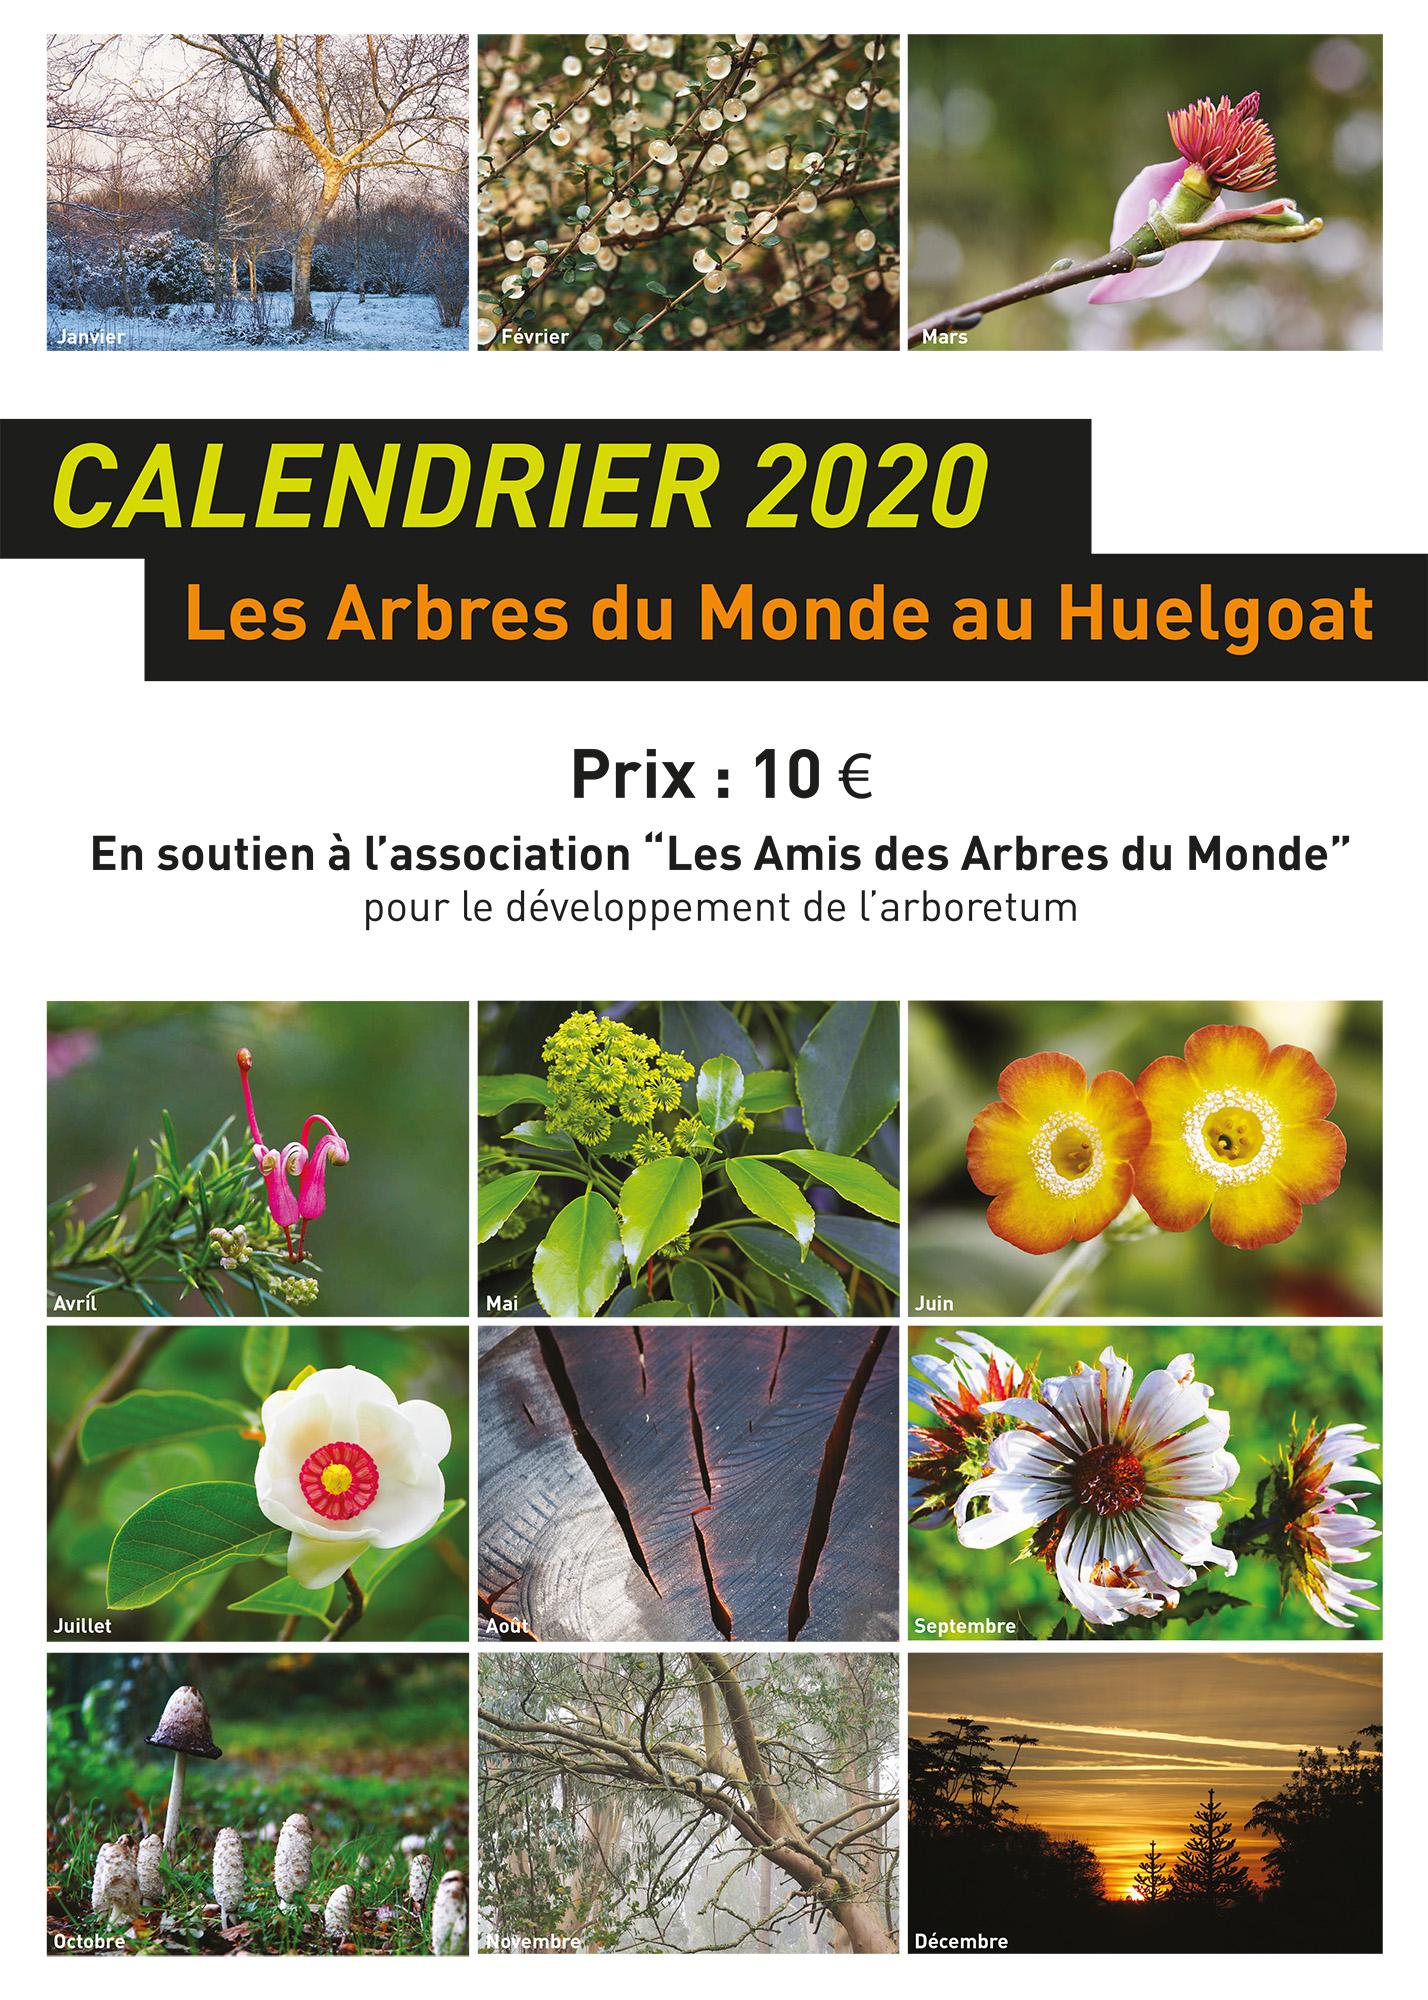 Achat Calendrier 2020.Les Calendriers 2020 Sont Disponibles Les Arbres Du